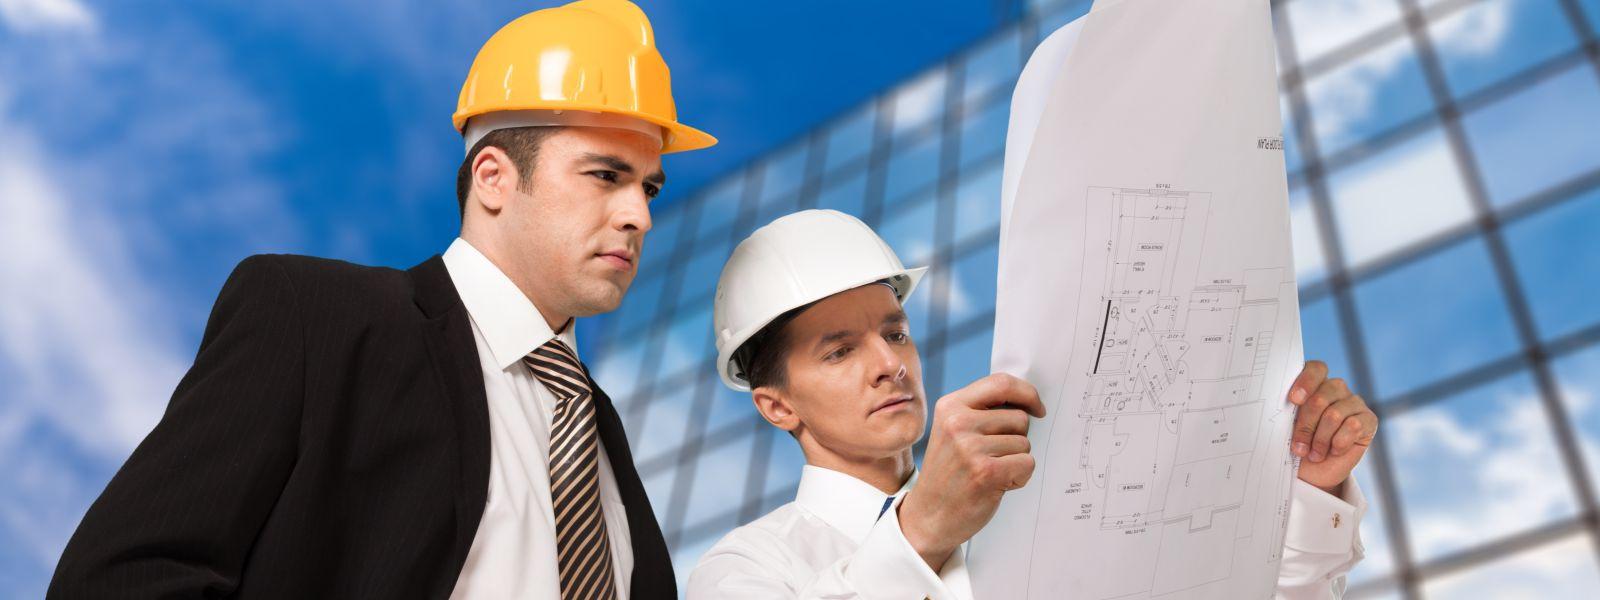 Comissão vai discutir importância da Engenharia para o desenvolvimento do Brasil